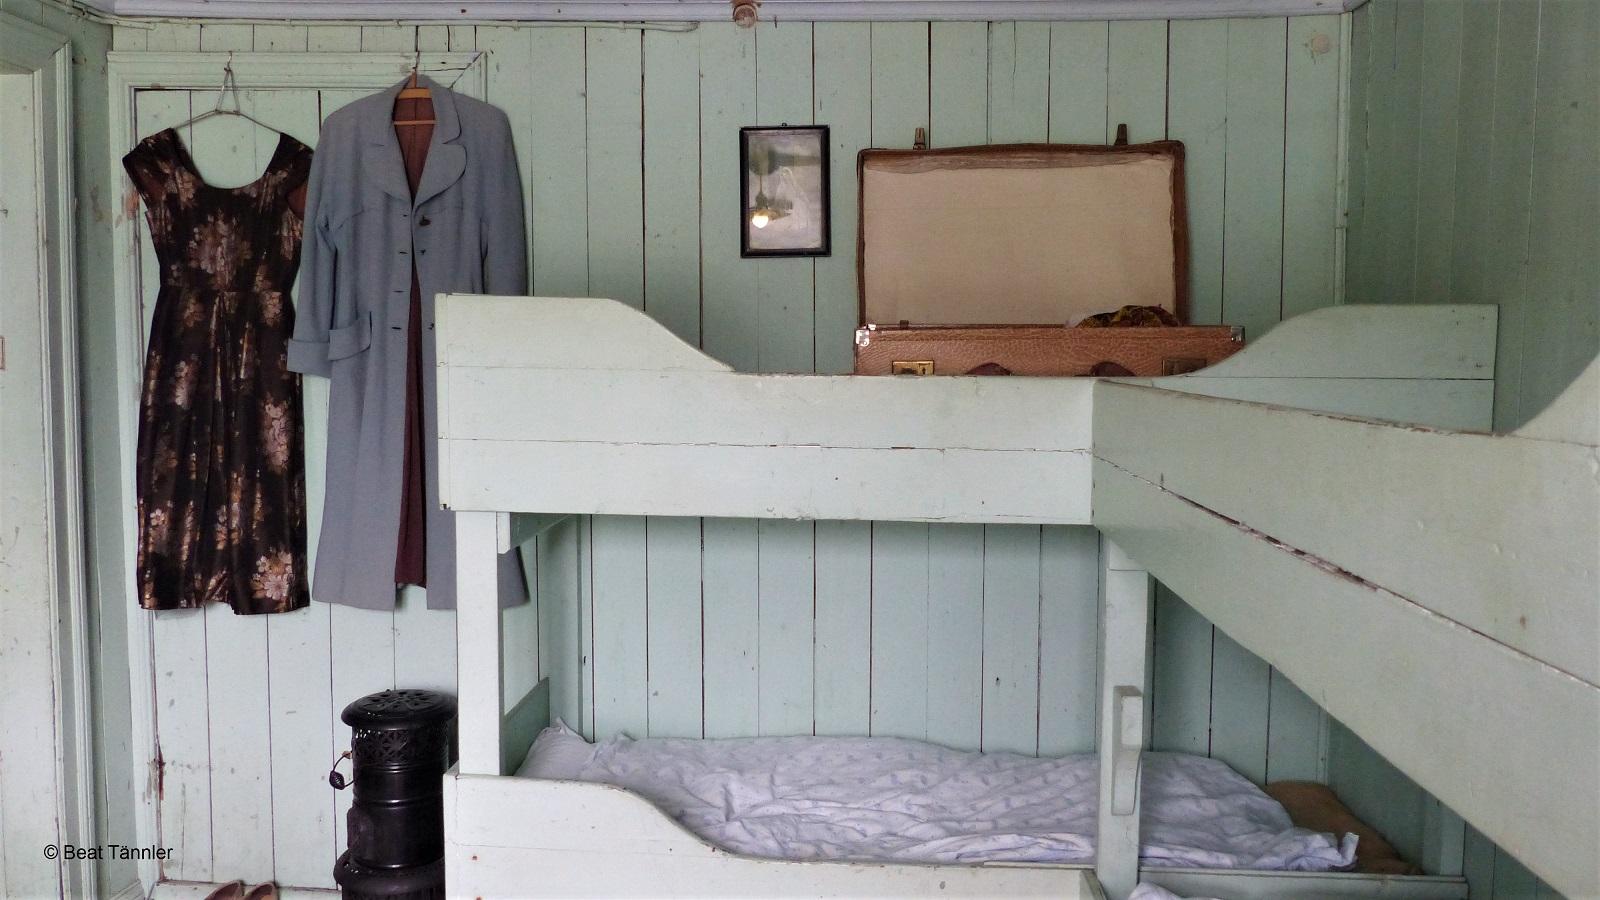 Schlafzimmer Der U201eHeringsmädchenu201c